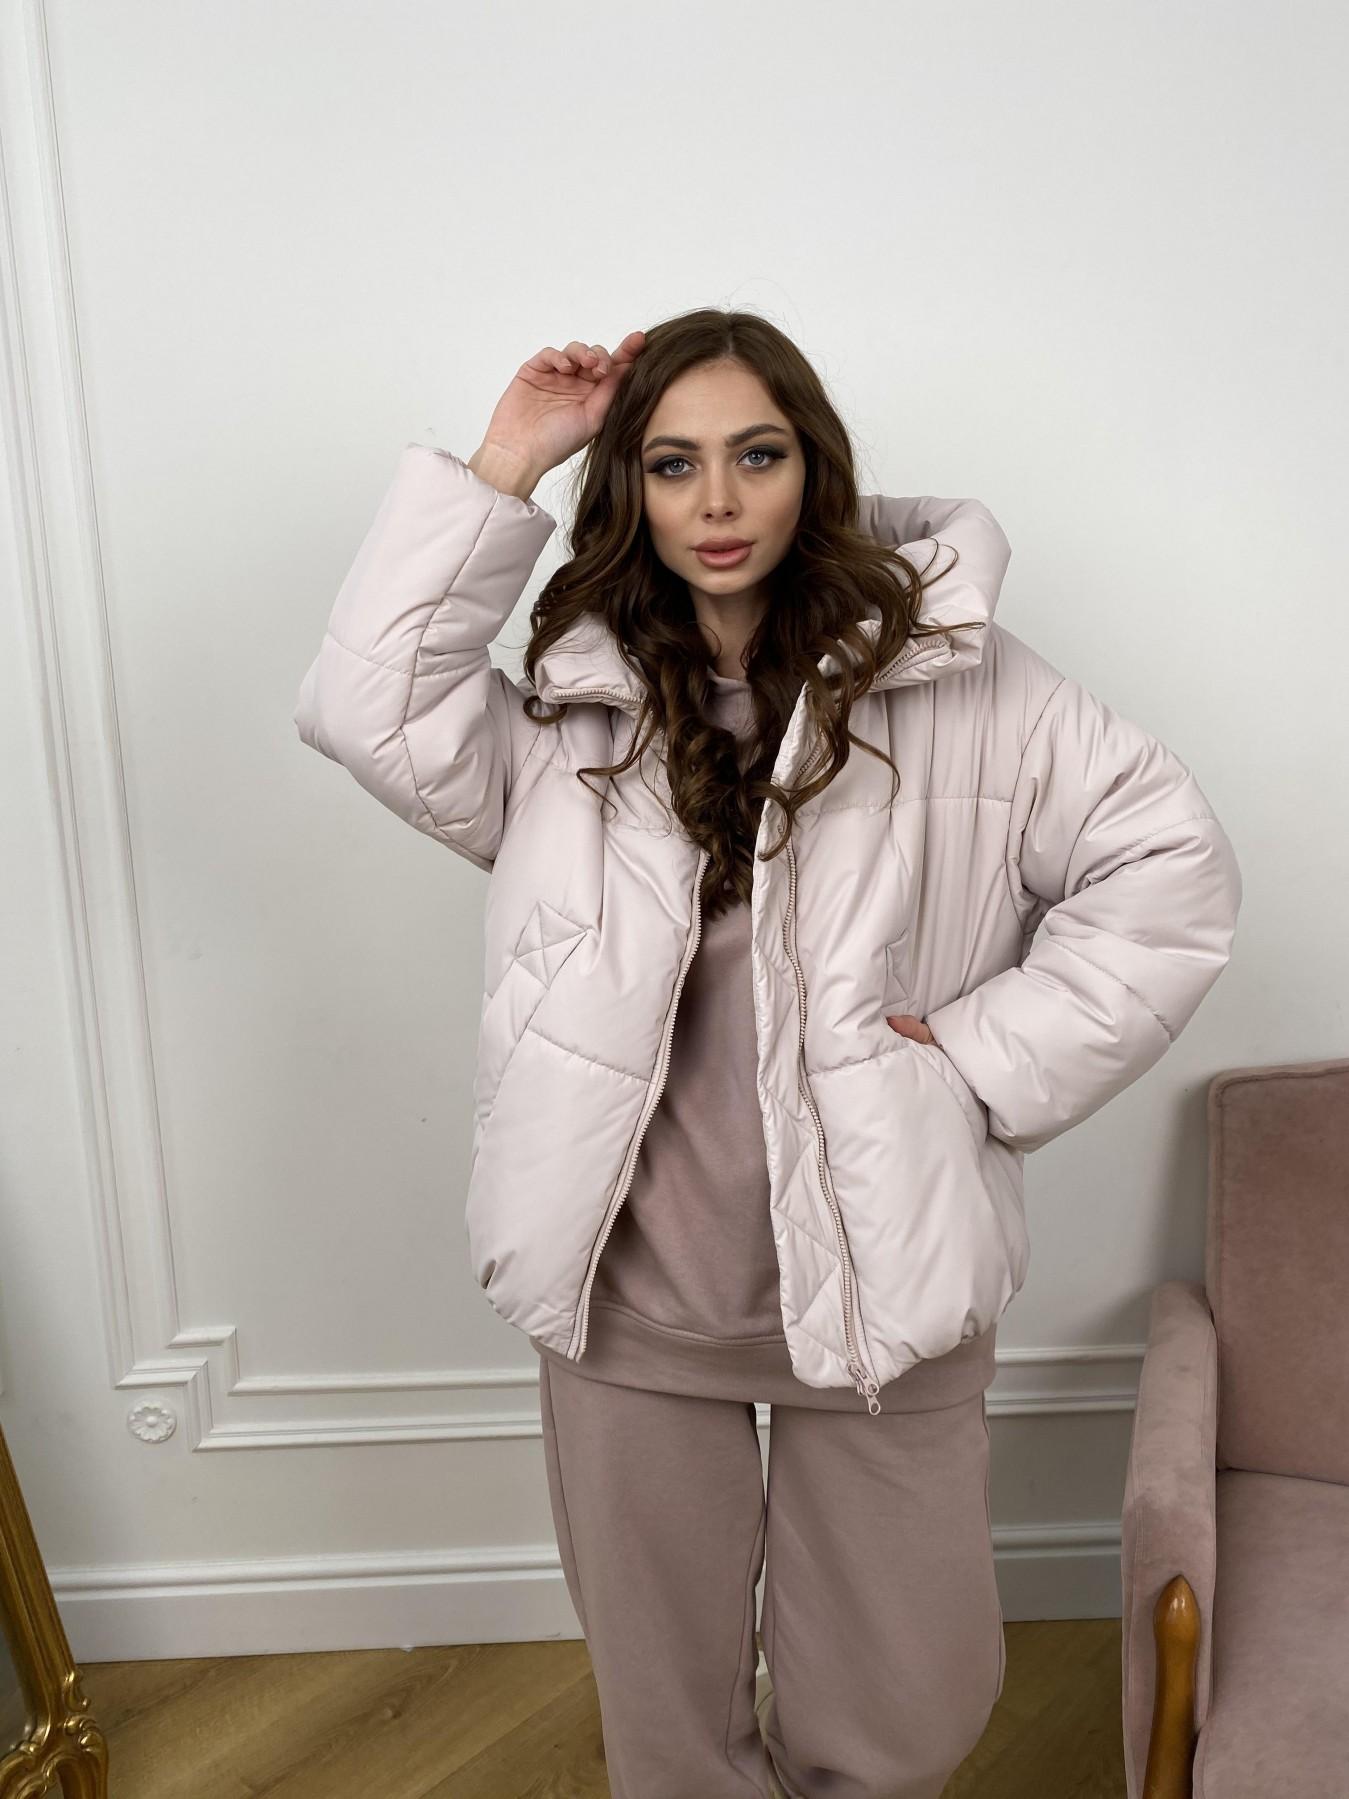 Нокс куртка из плащевой ткани 10535 АРТ. 46973 Цвет: Молоко 970 - фото 2, интернет магазин tm-modus.ru